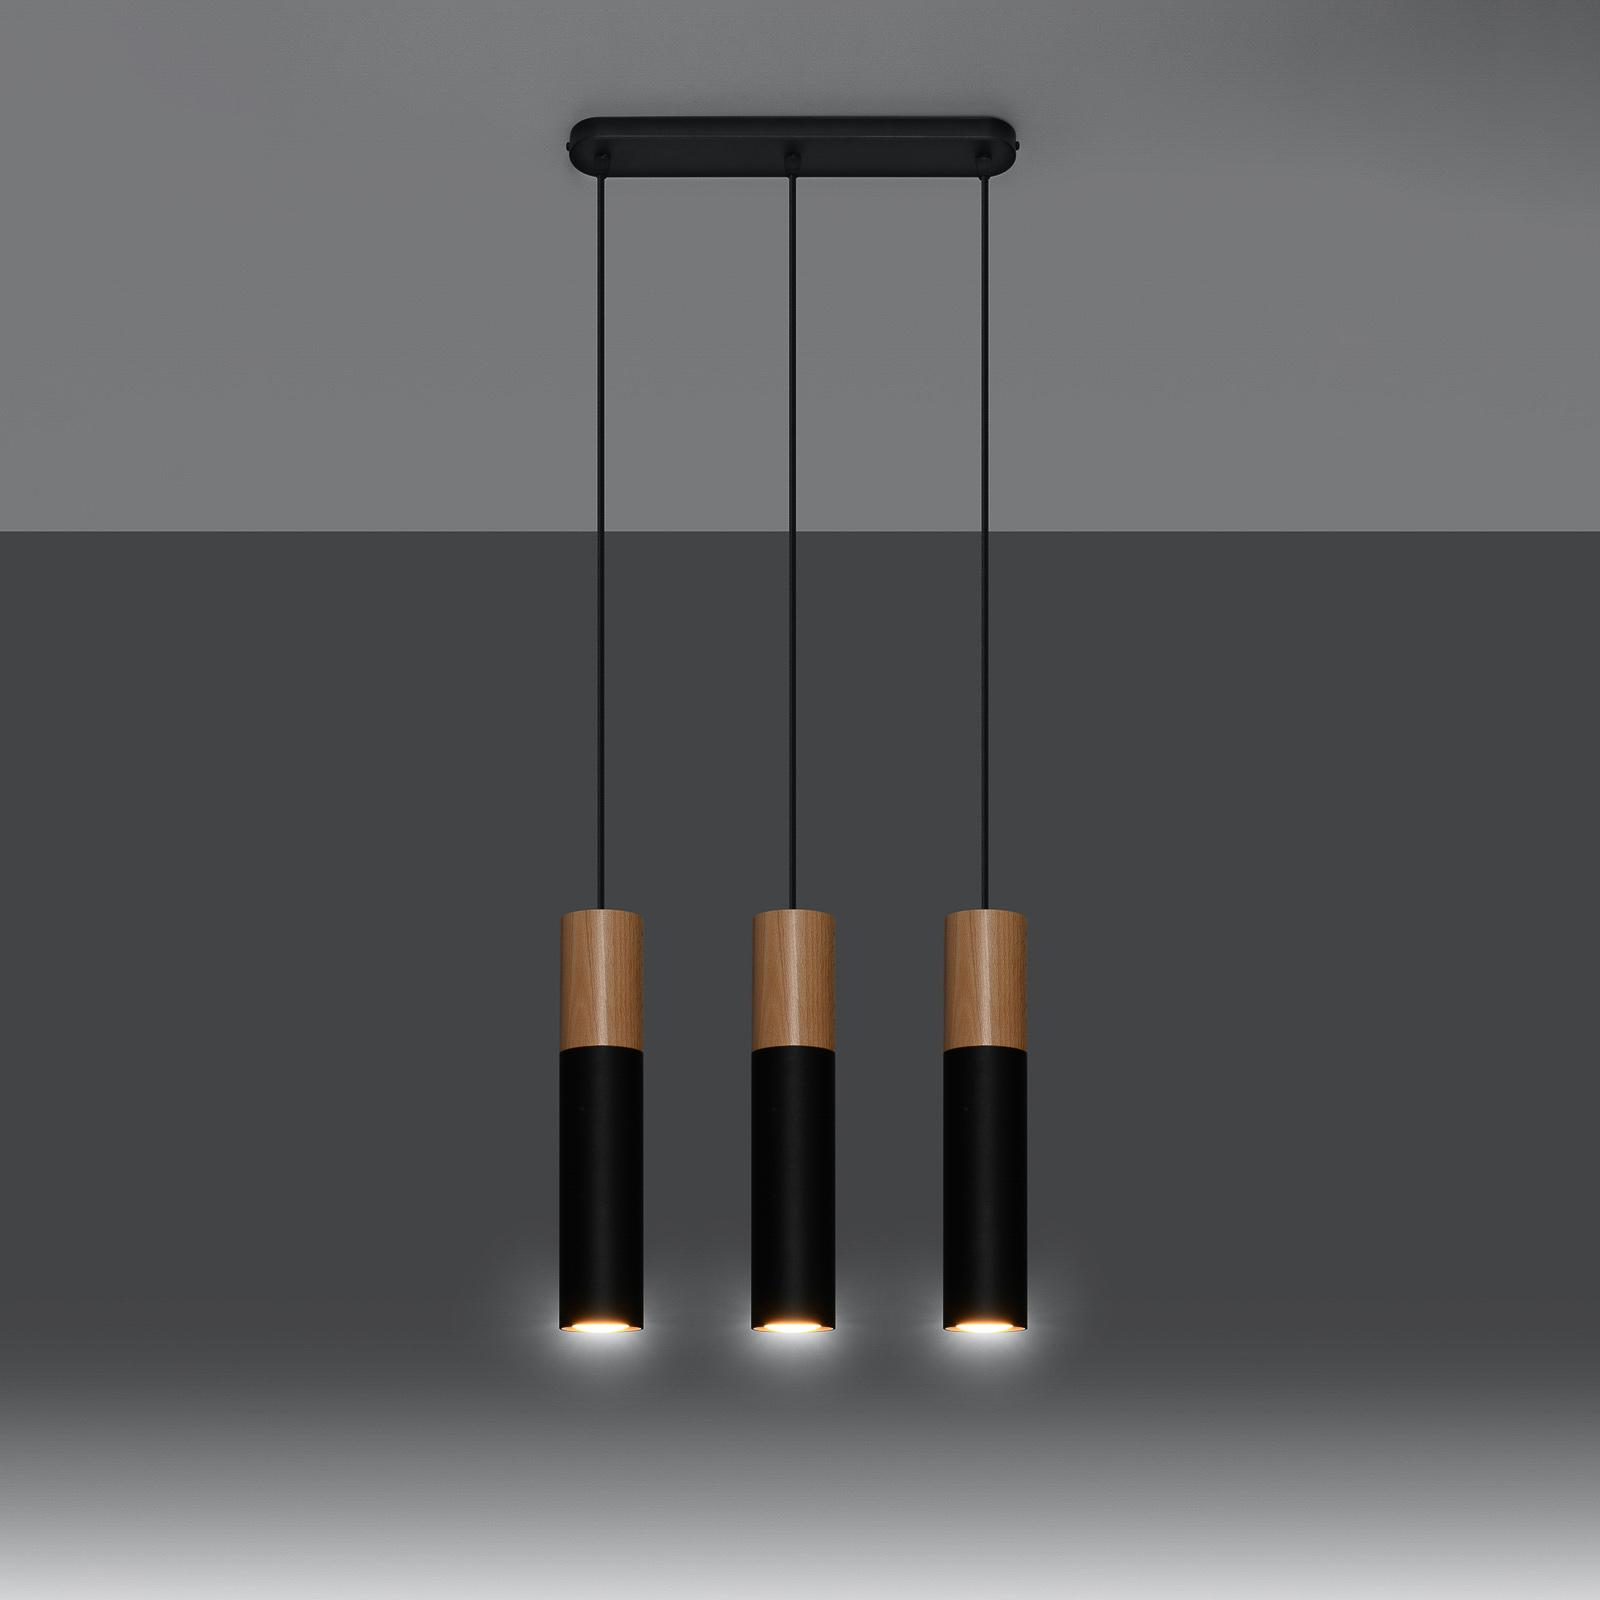 Hanglamp Tube, hout, zwart, 3-lamps